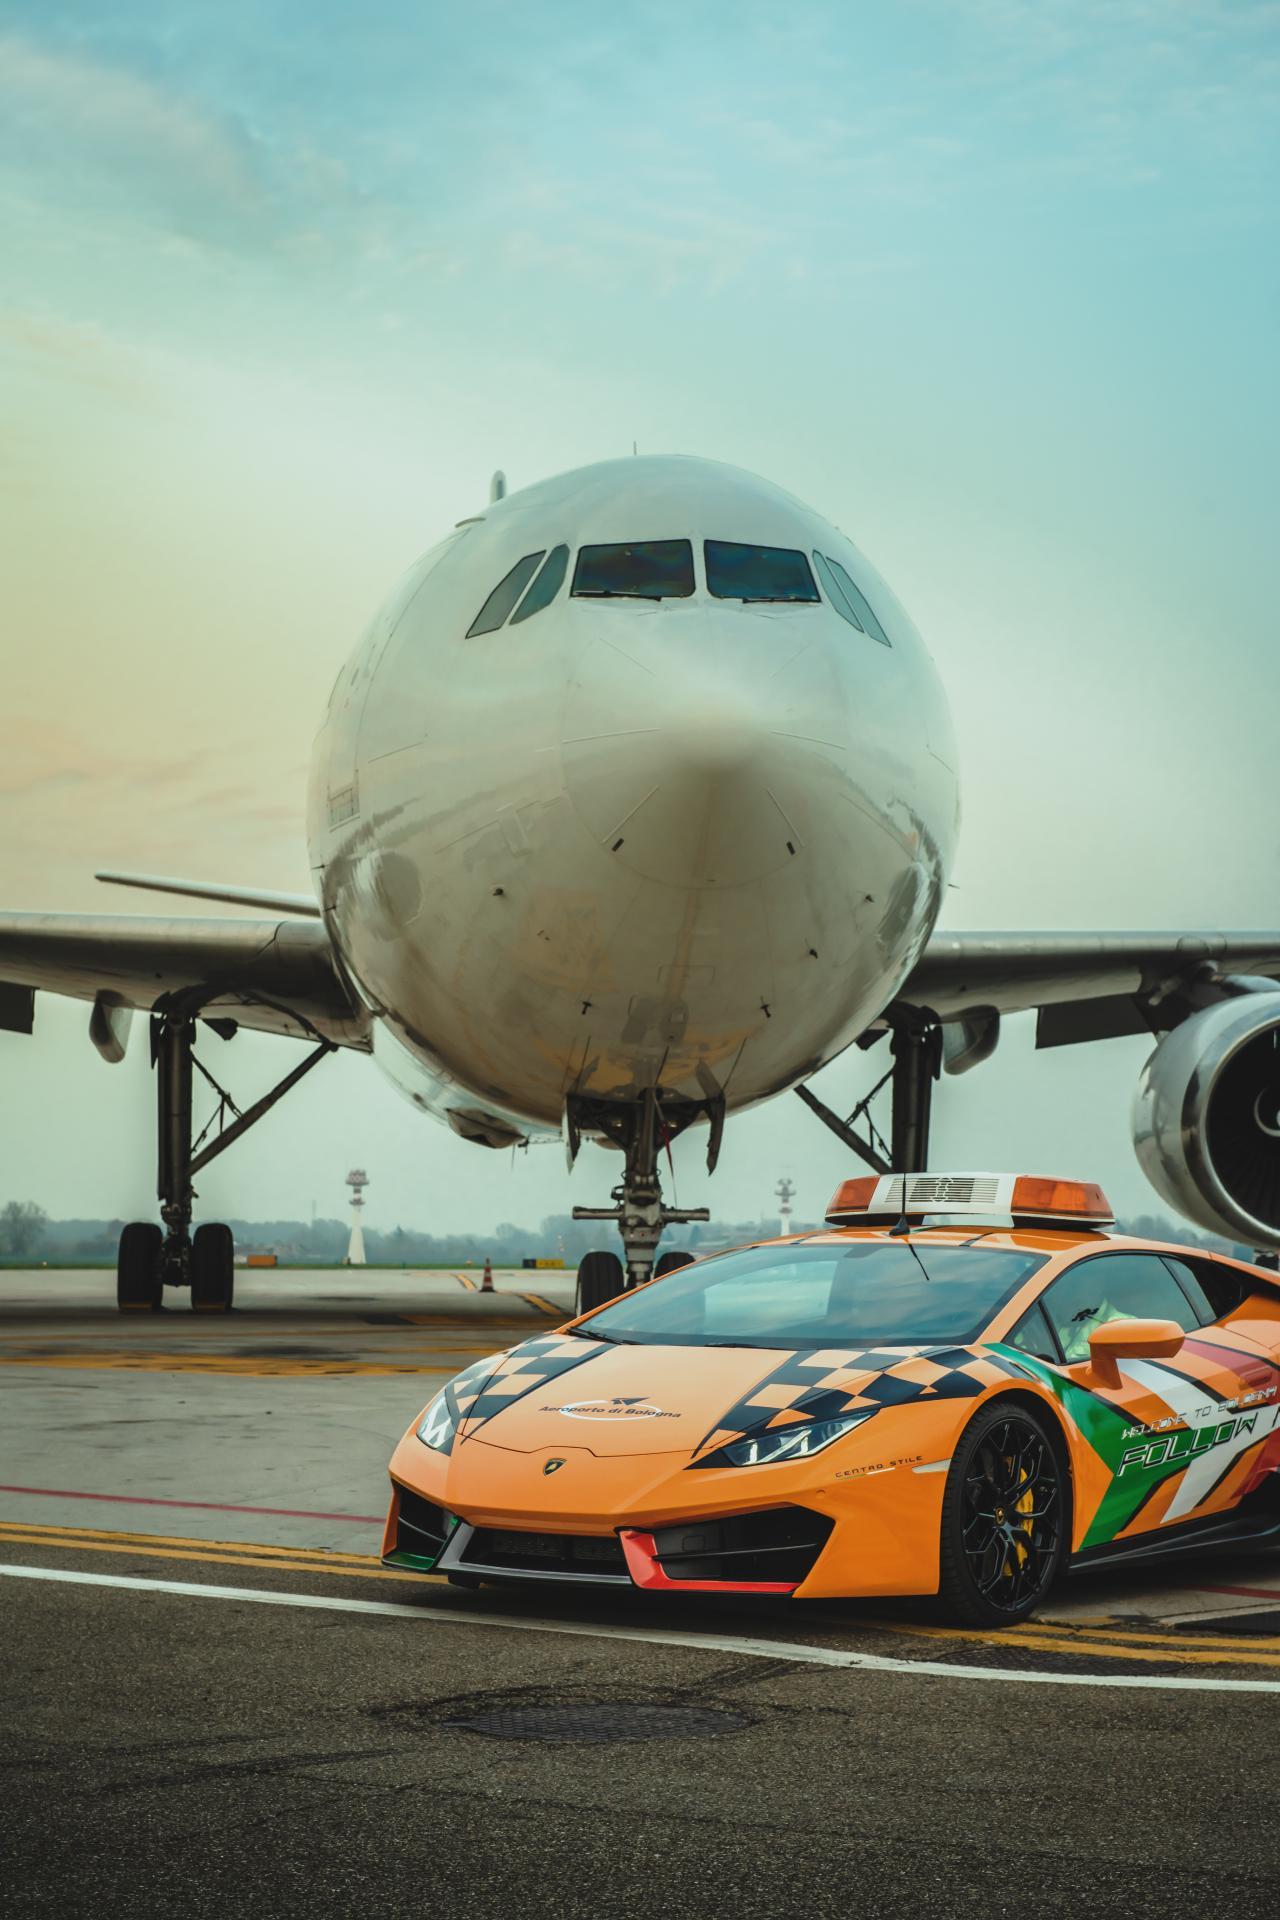 Lamborghini-Huracan-RWD-Follow-Me-Car-Bologna-Airport-13